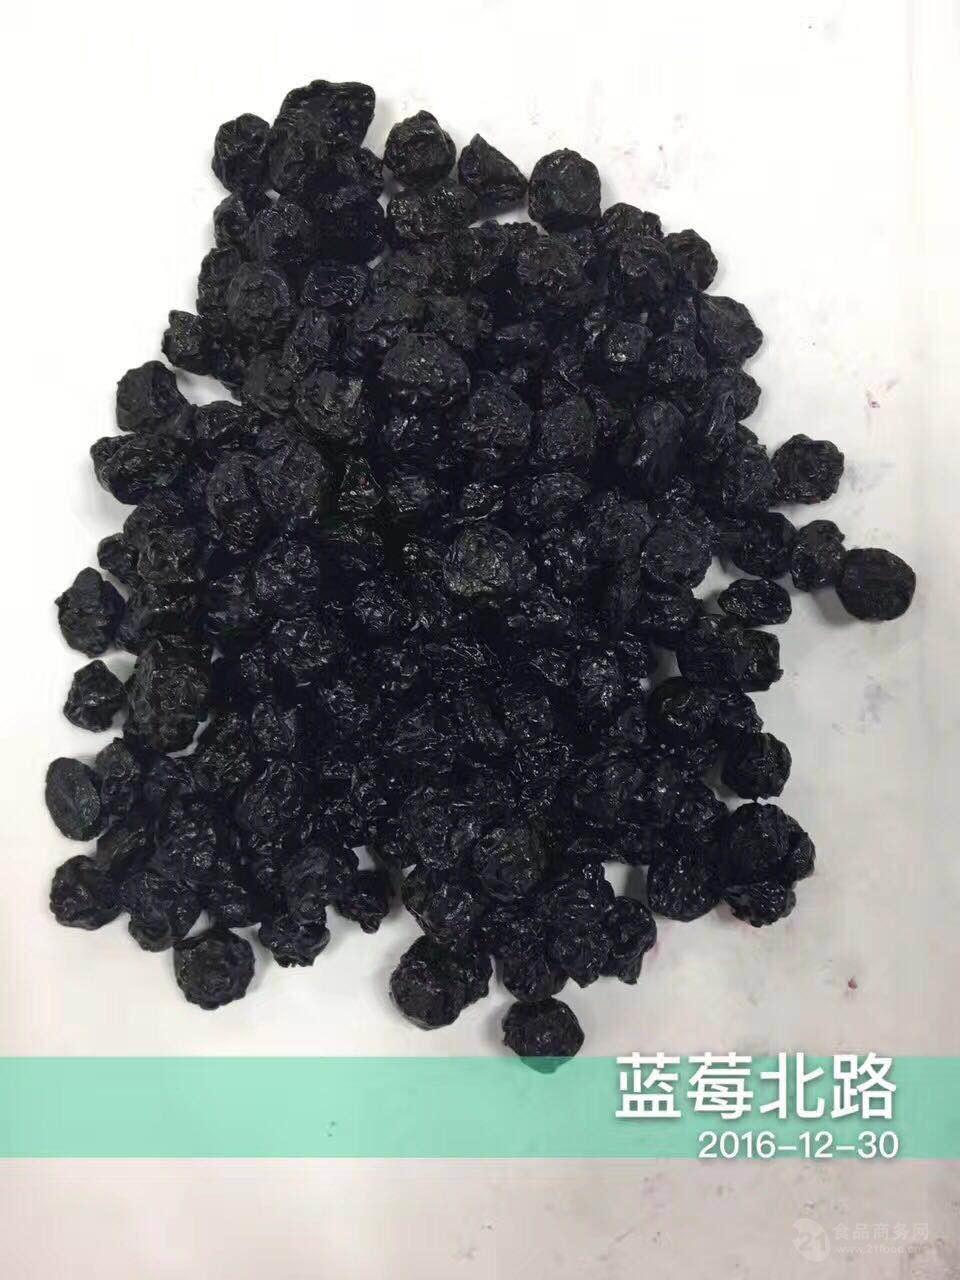 蓝莓干北路品种